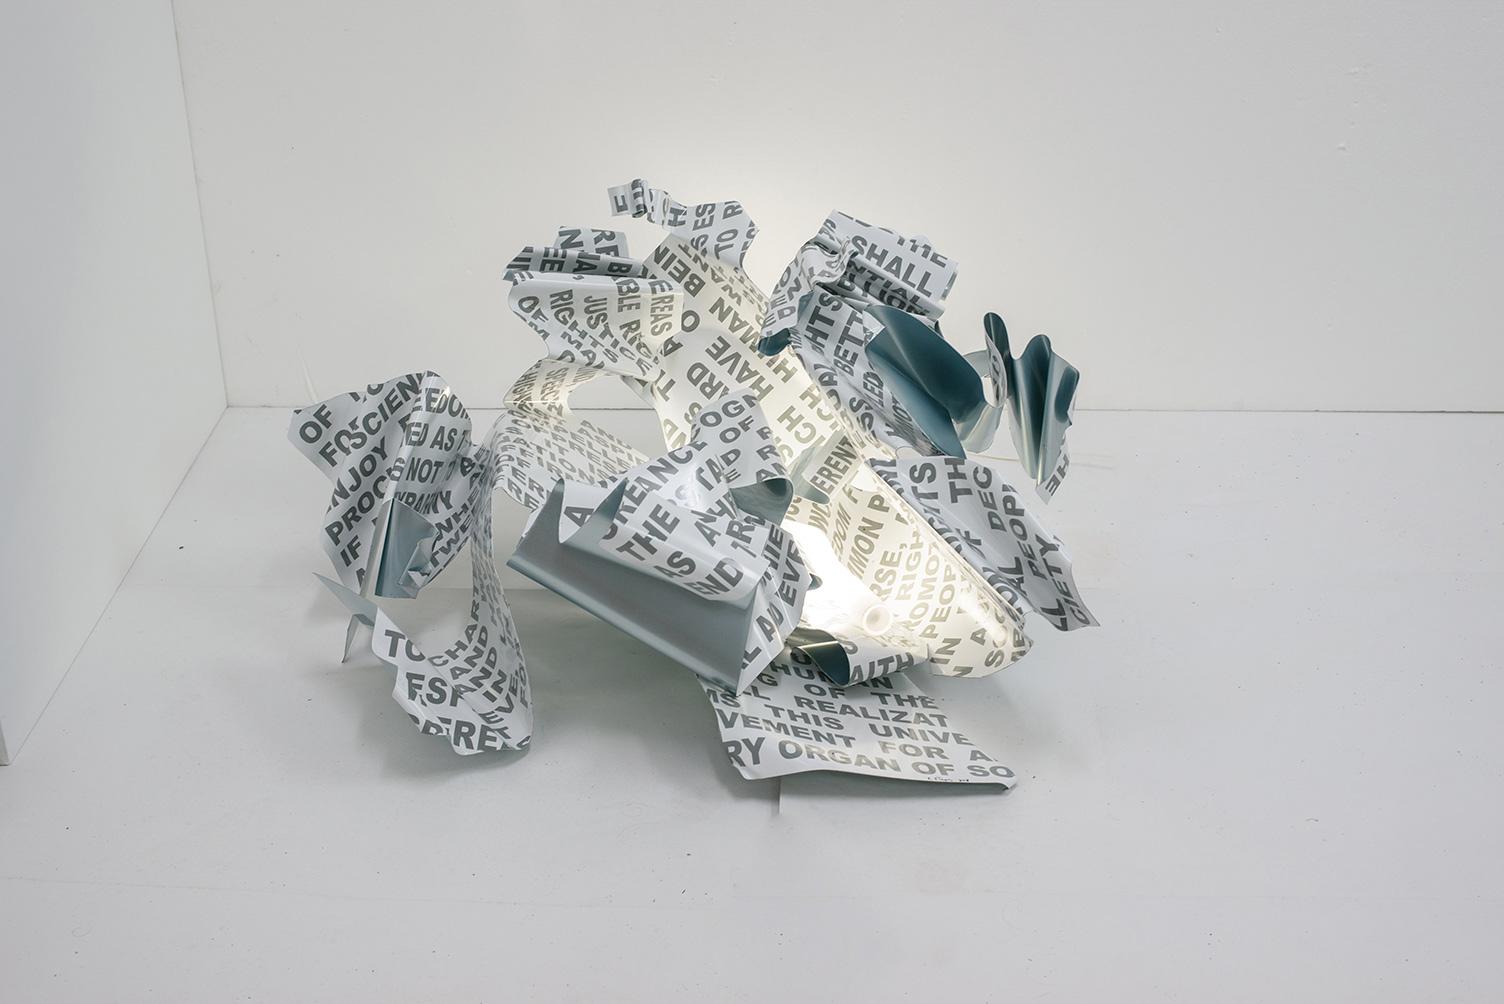 Declaration of Human Rights, Aluminium, print text, light, 85 x 80 x 45 cm, 2018, Trikala